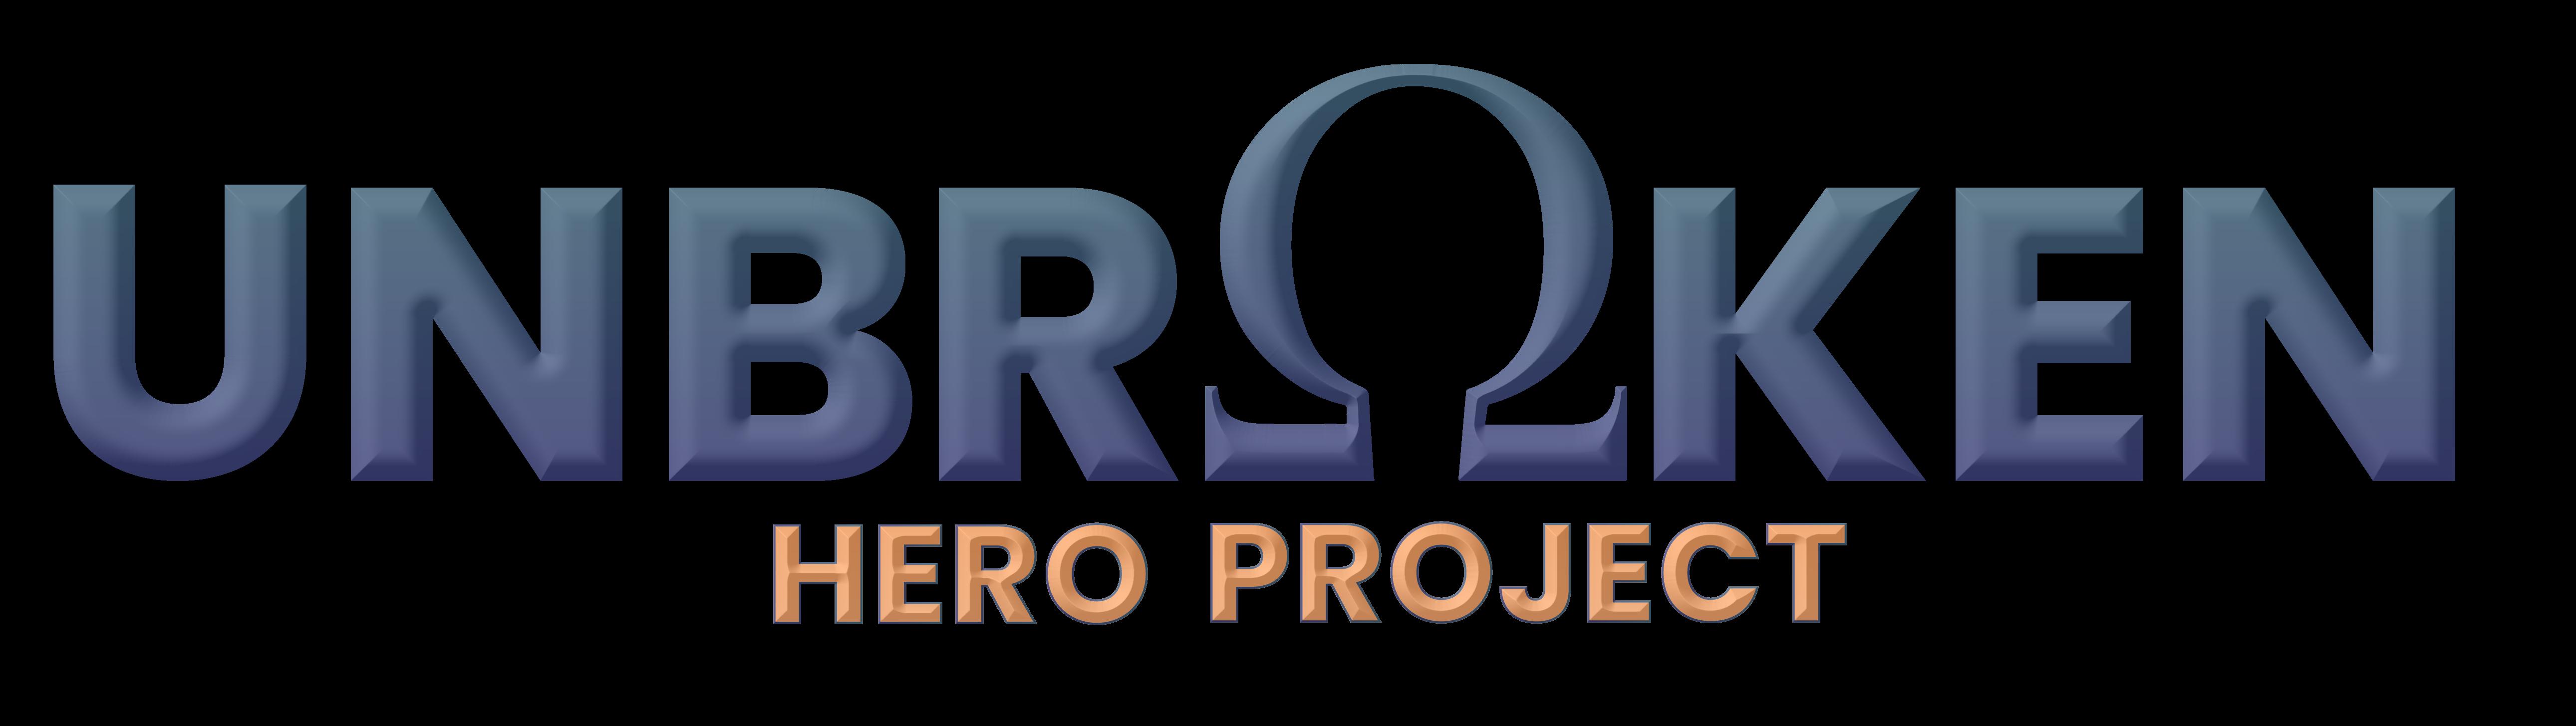 Unbroken Hero Project